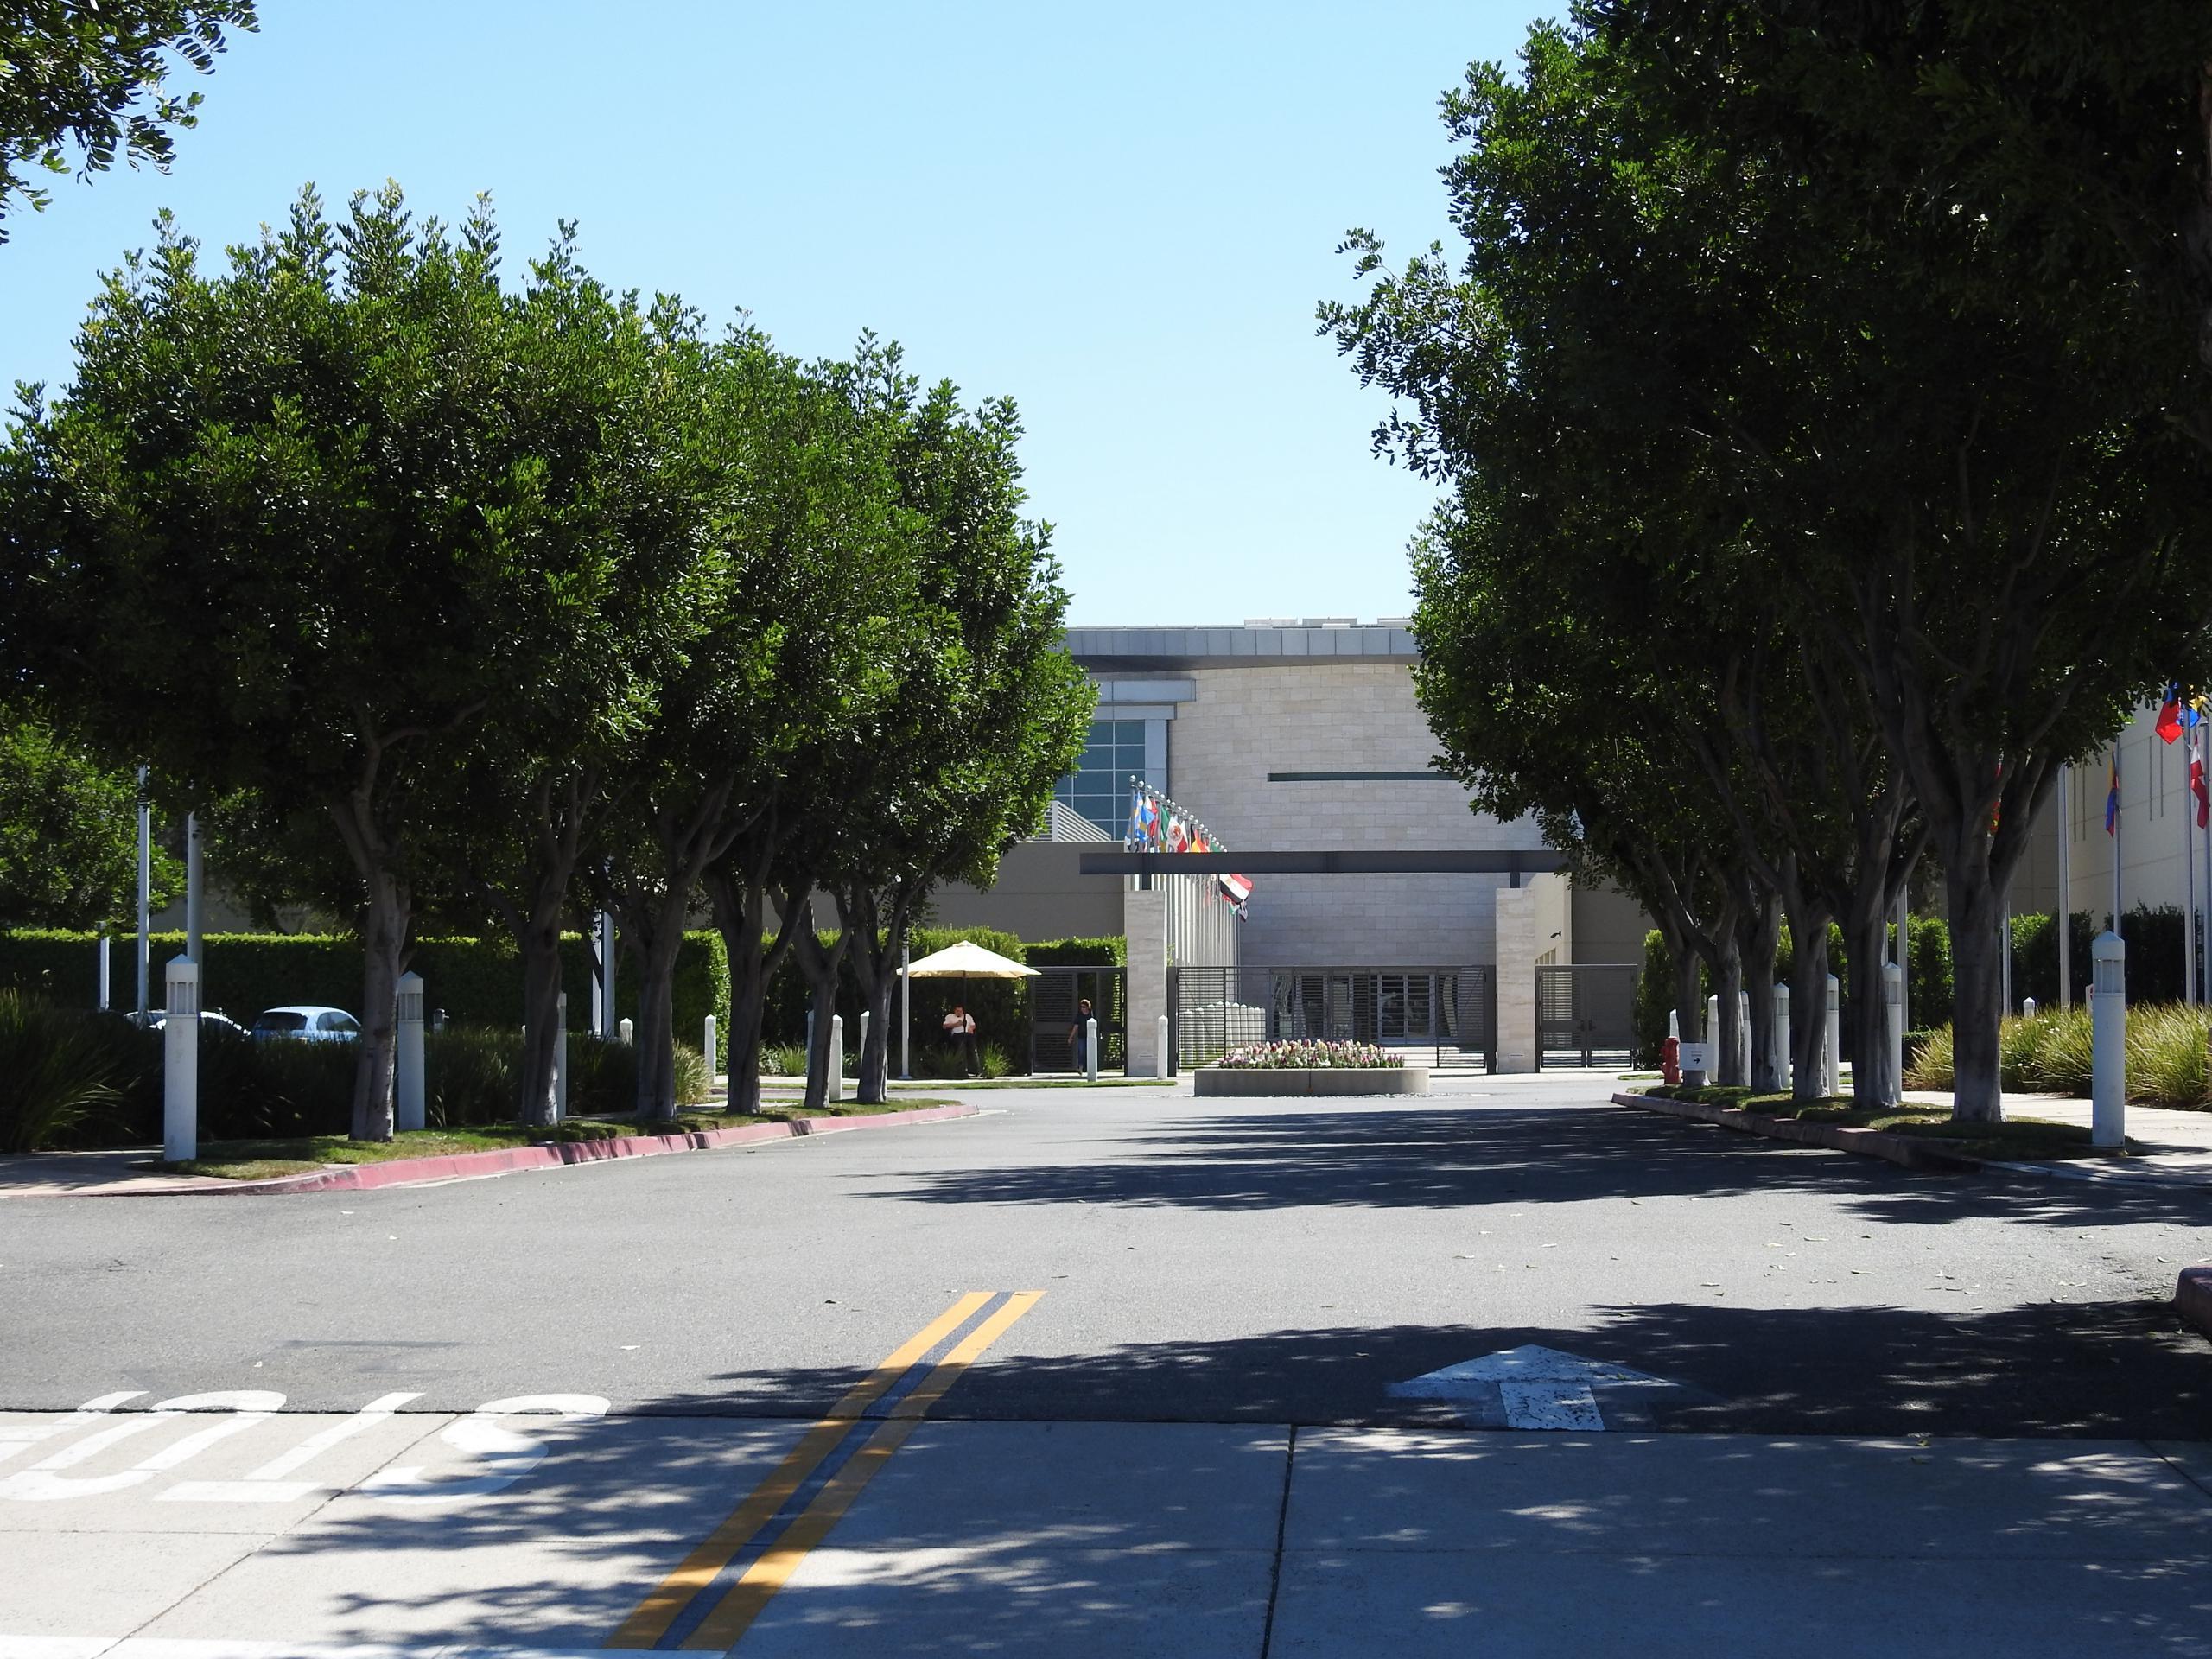 Masimo's corporate headquarters in Irvine, California.